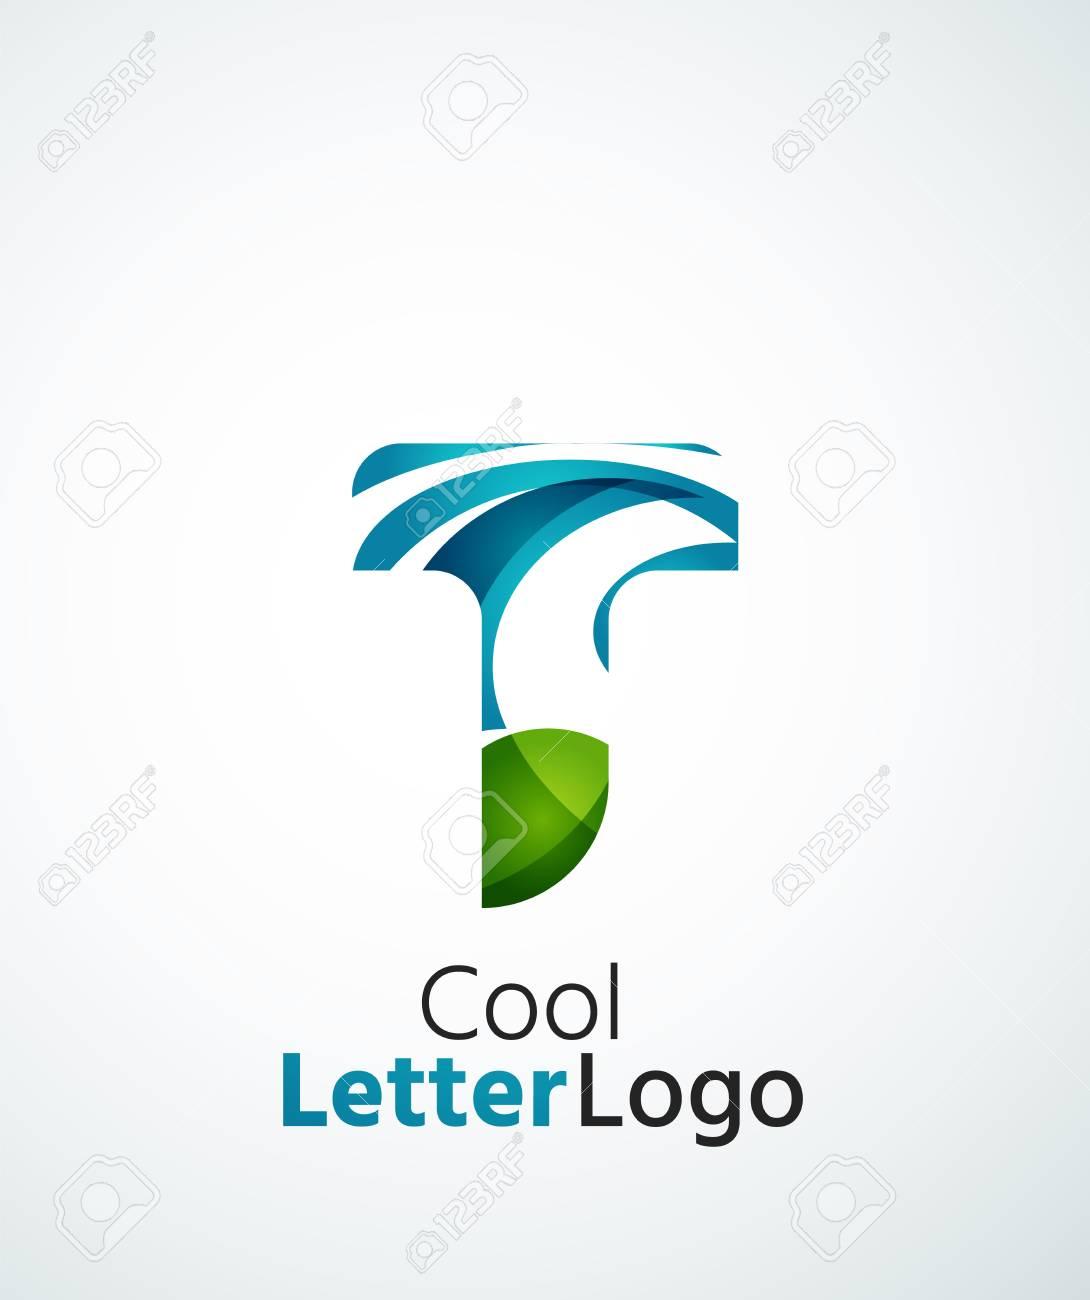 Ett vackert uppfriskande perspektiv på formge logotyp